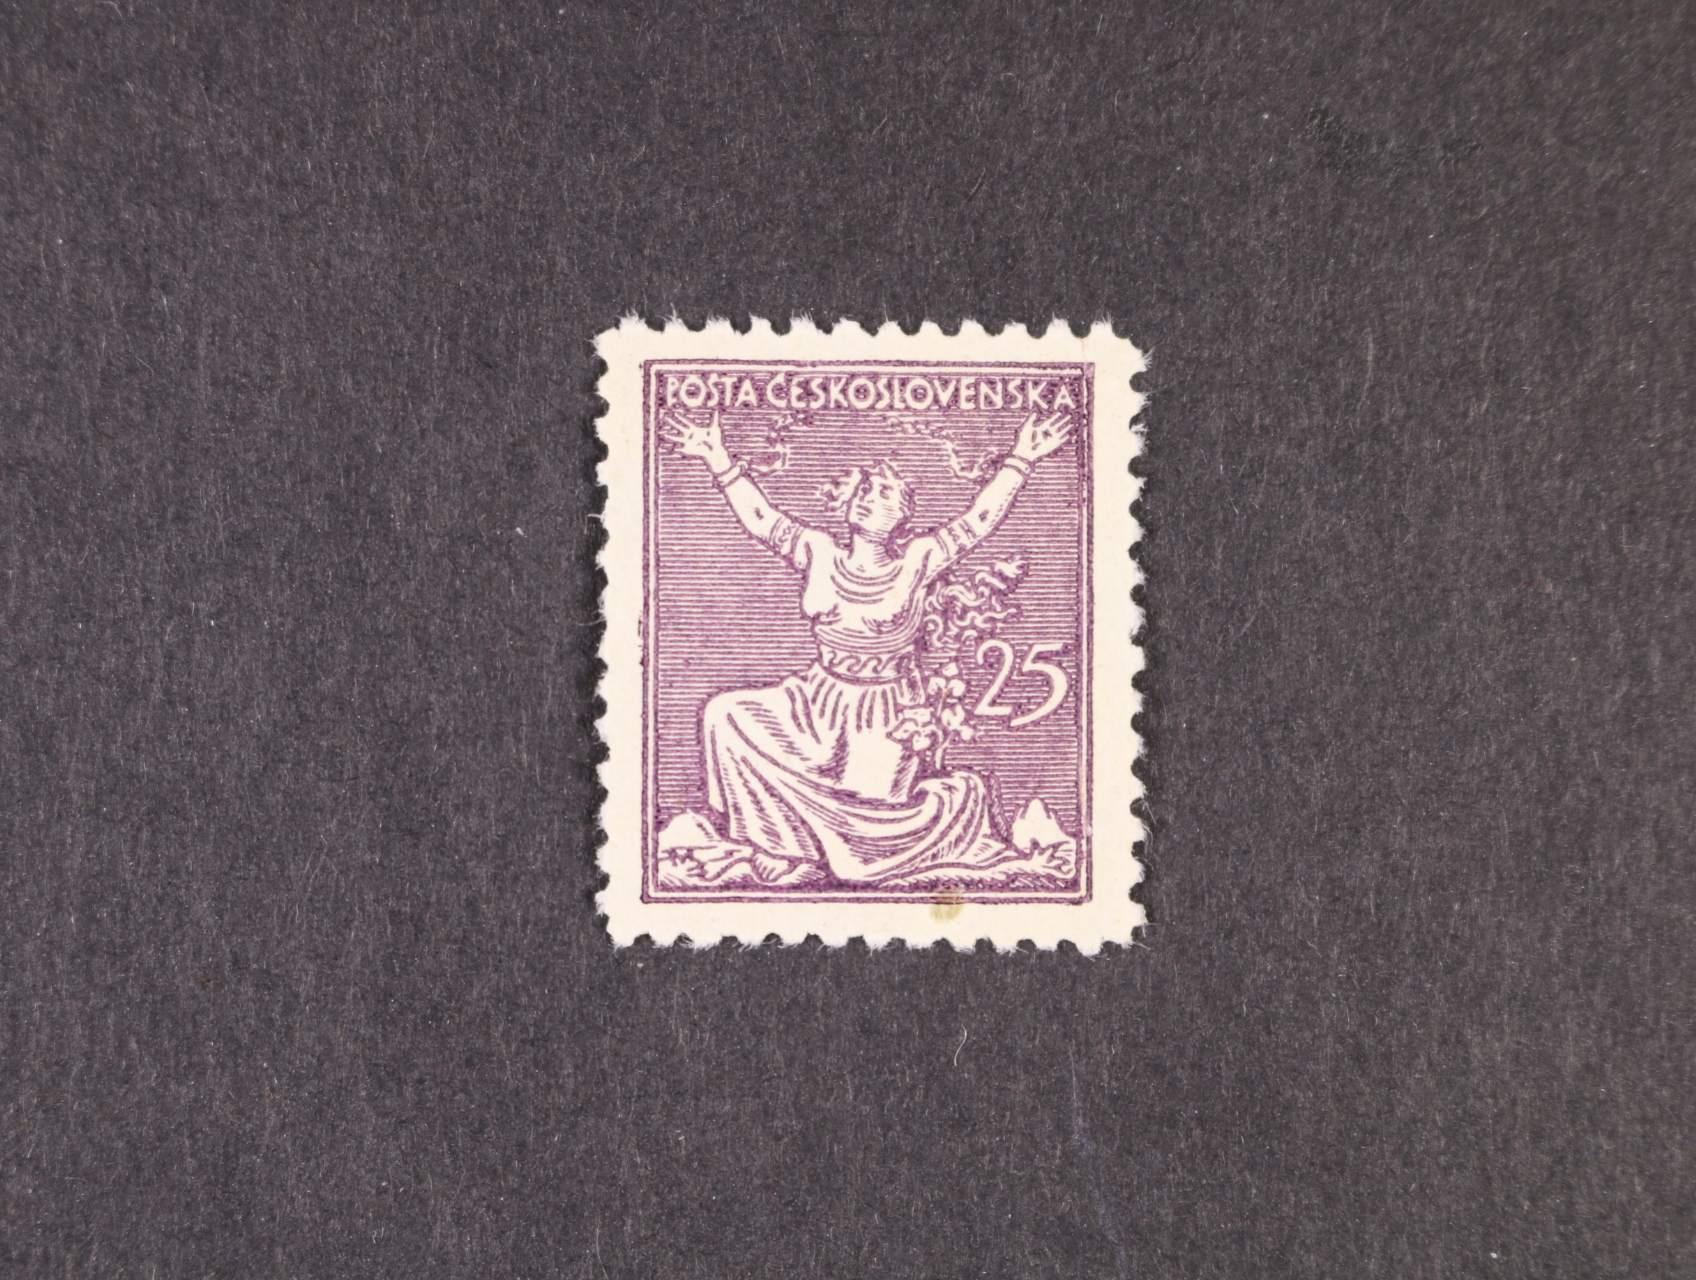 ZT 25h v barvě fialové, 2. návrh s jednou nominální hodnotou vpravo, linkované pozadí, ŘZ 11 1/2, zk. Gilbert